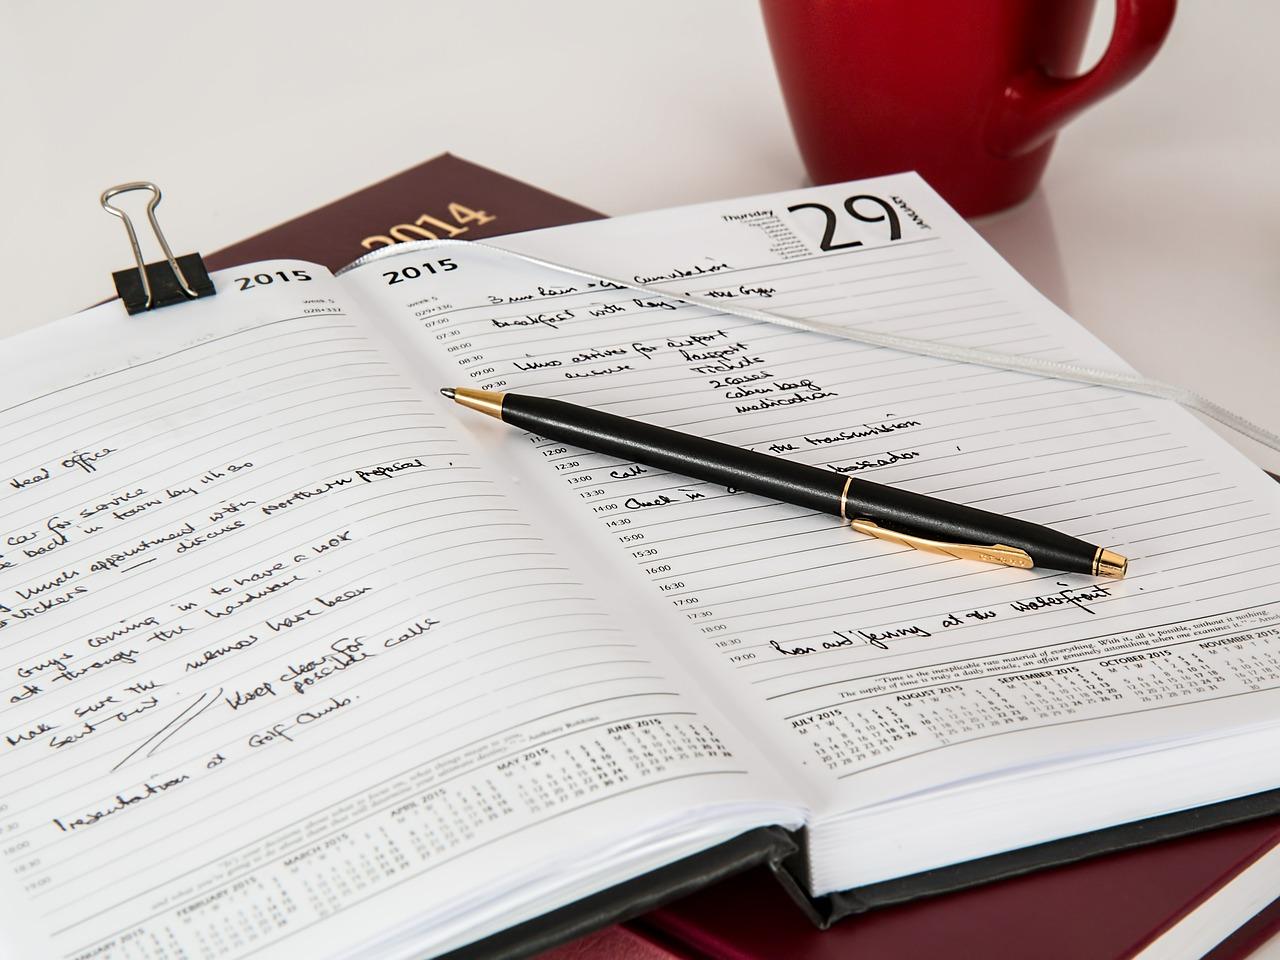 なぜ、会社・オフォス・事務所の引っ越しは、6ケ月前からのスケジュールが重要なのか?